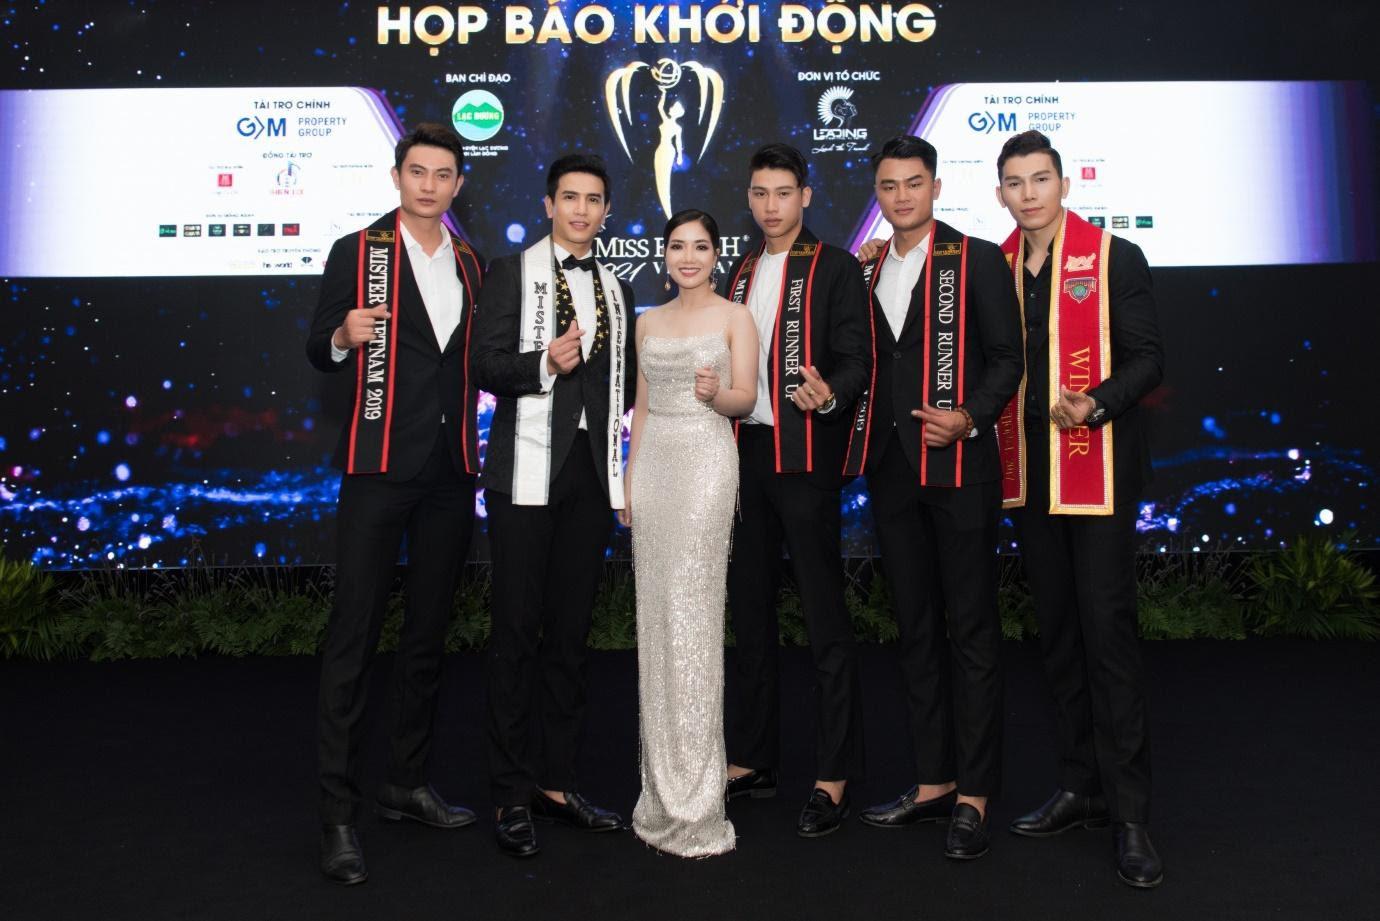 Hoa hậu Trái đất 2021 quy tụ dàn celeb khủng, hội ngộ 7 Miss Earth Vietnam - Ảnh 8.